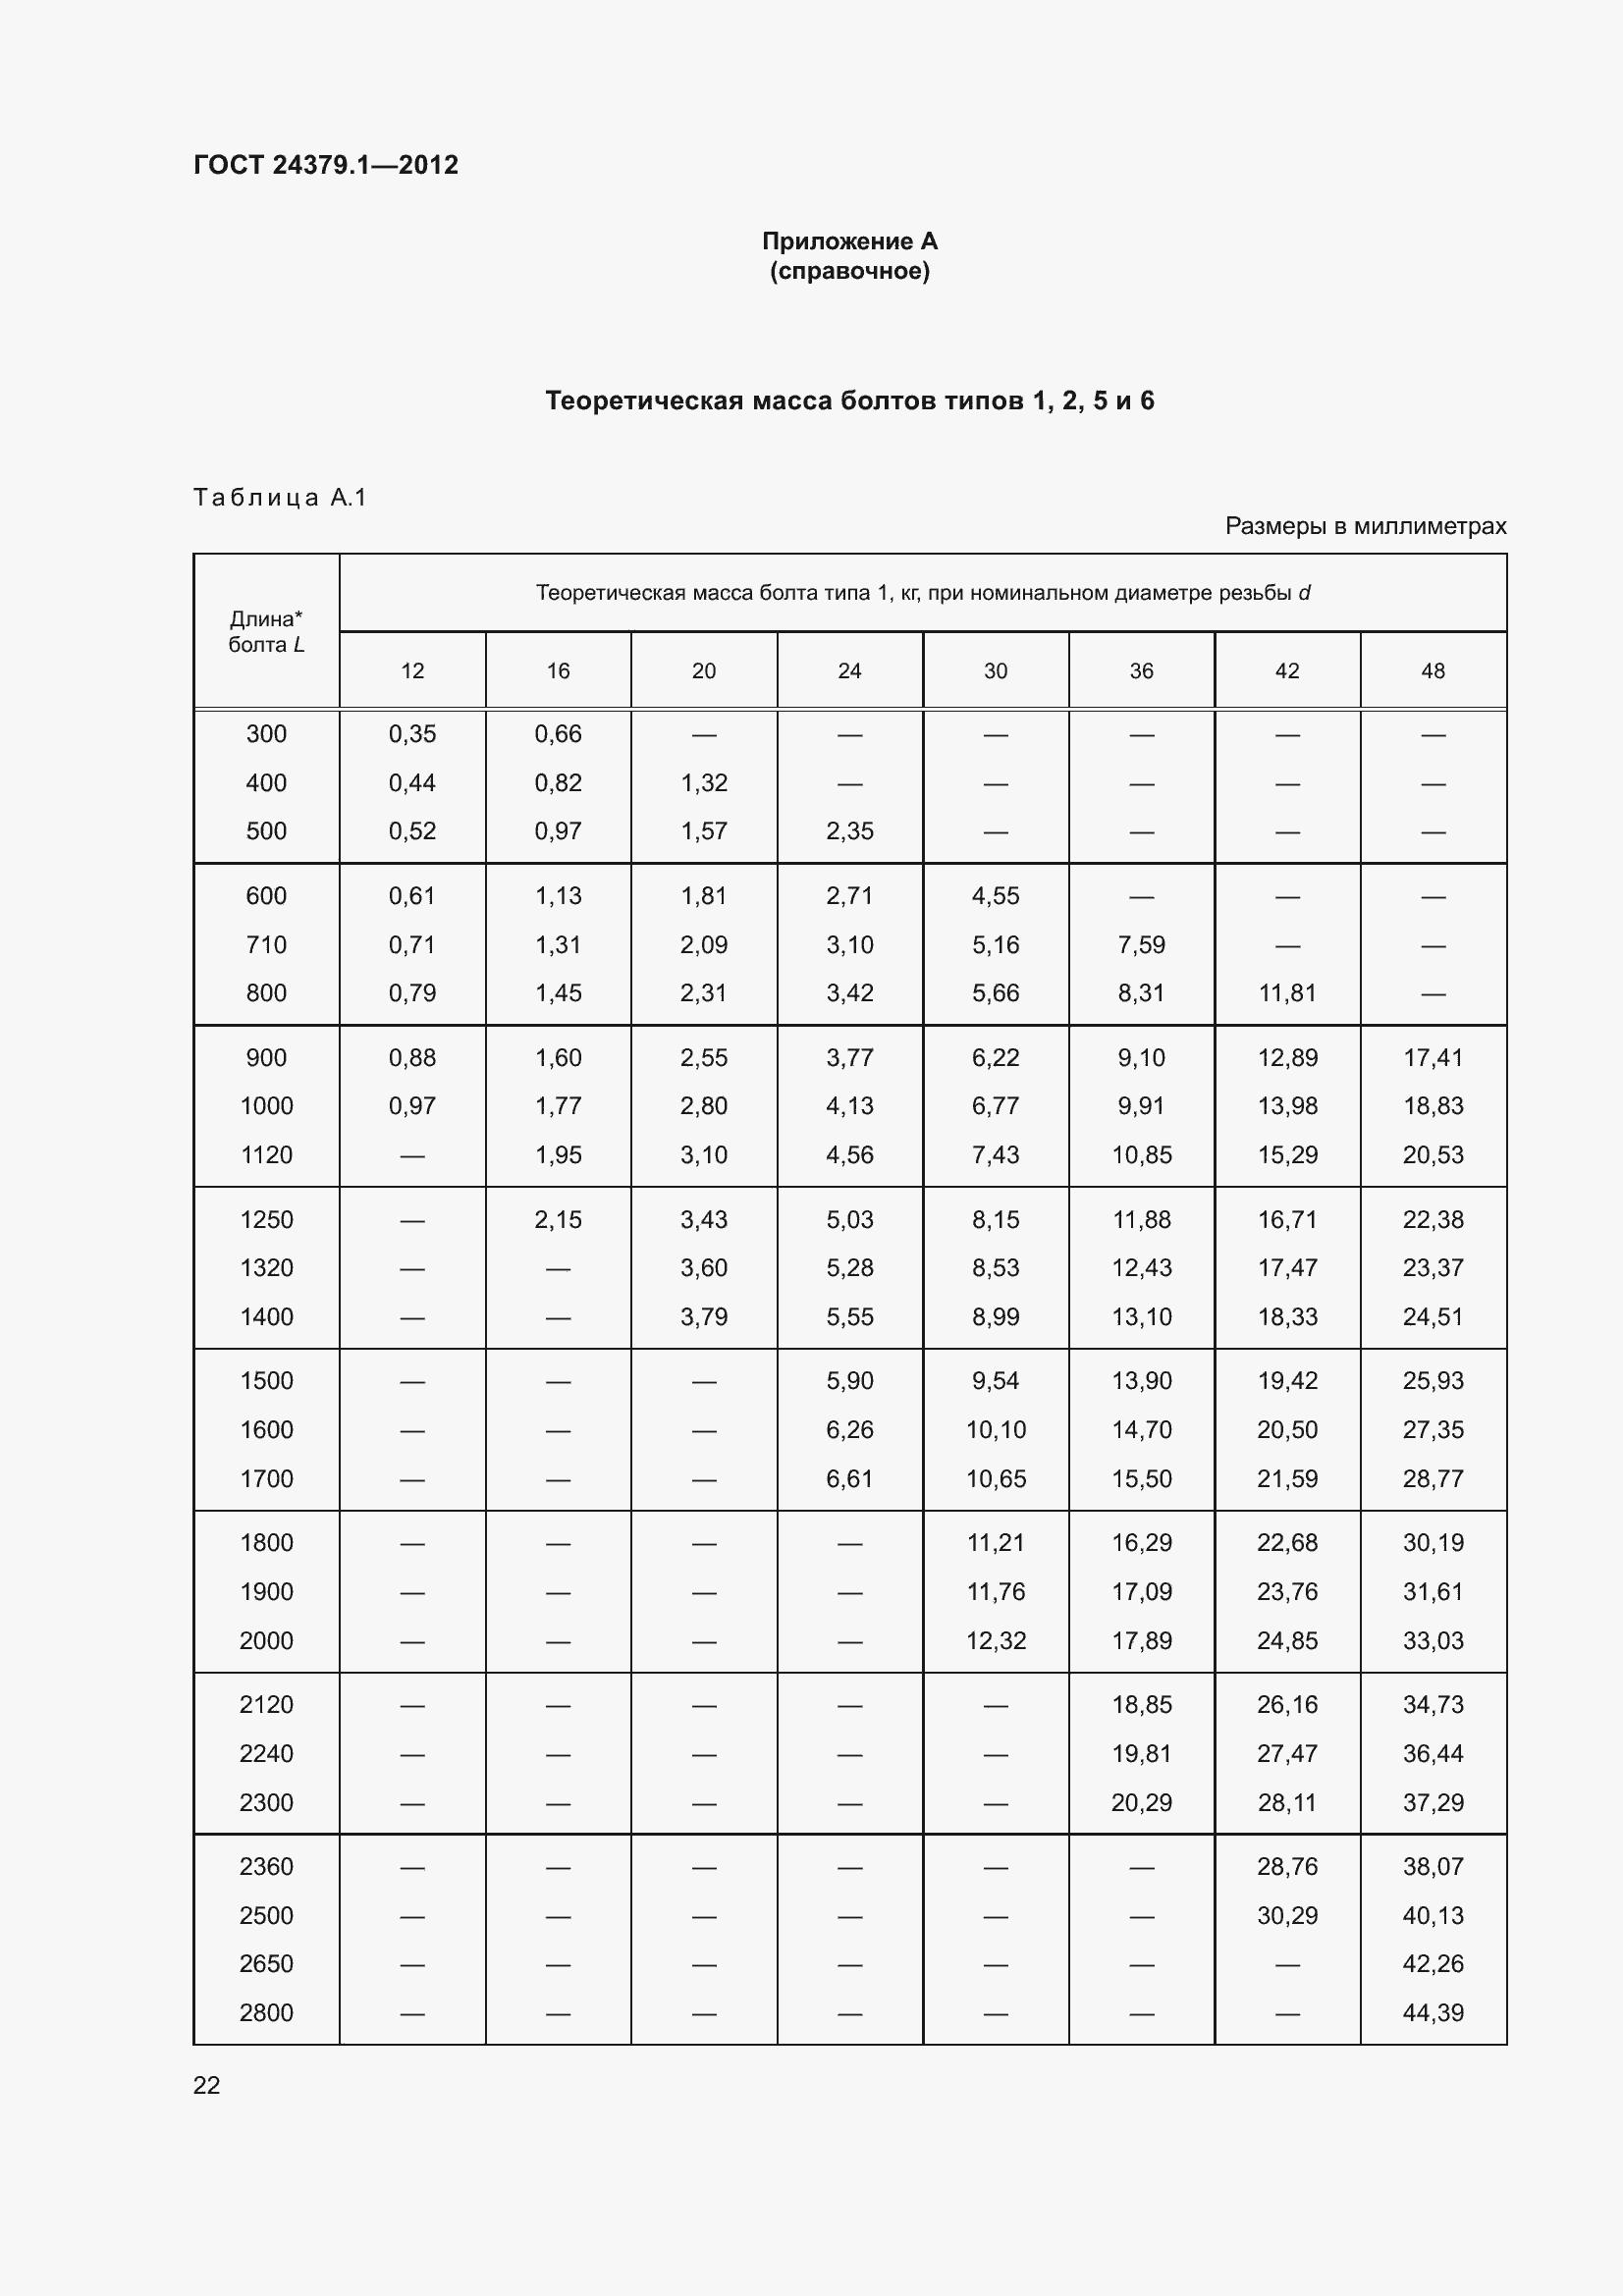 ГОСТ 24379.1-2012. Страница 28